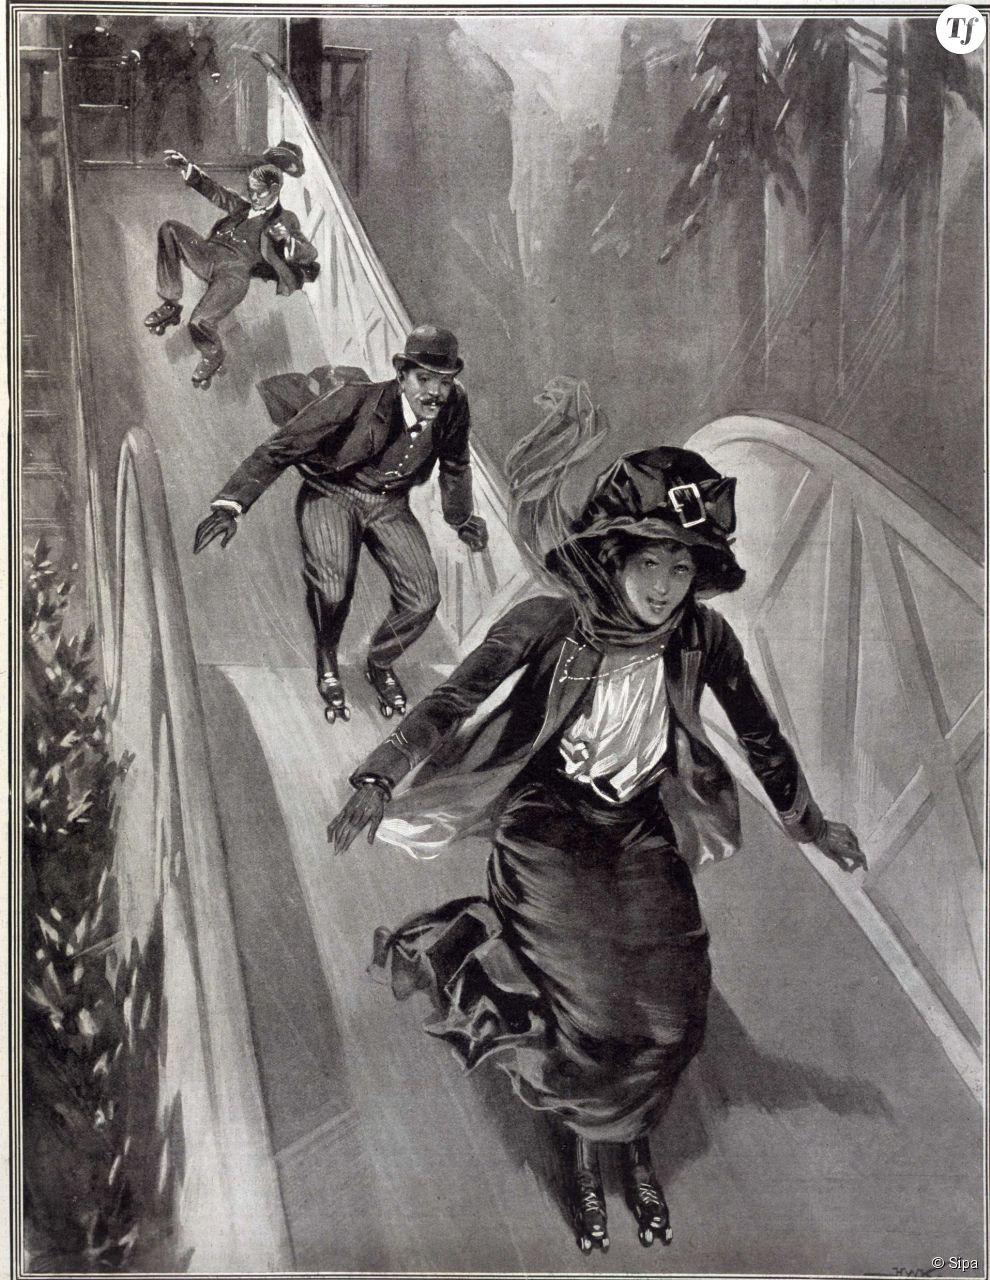 Des patineurs aventureux sur l'Empress Skating Rink qui se situait à Earl's Court, à Londres, en 1909. Jusqu'à 4200 patineurs pouvaient fréquentaient cet endroit.